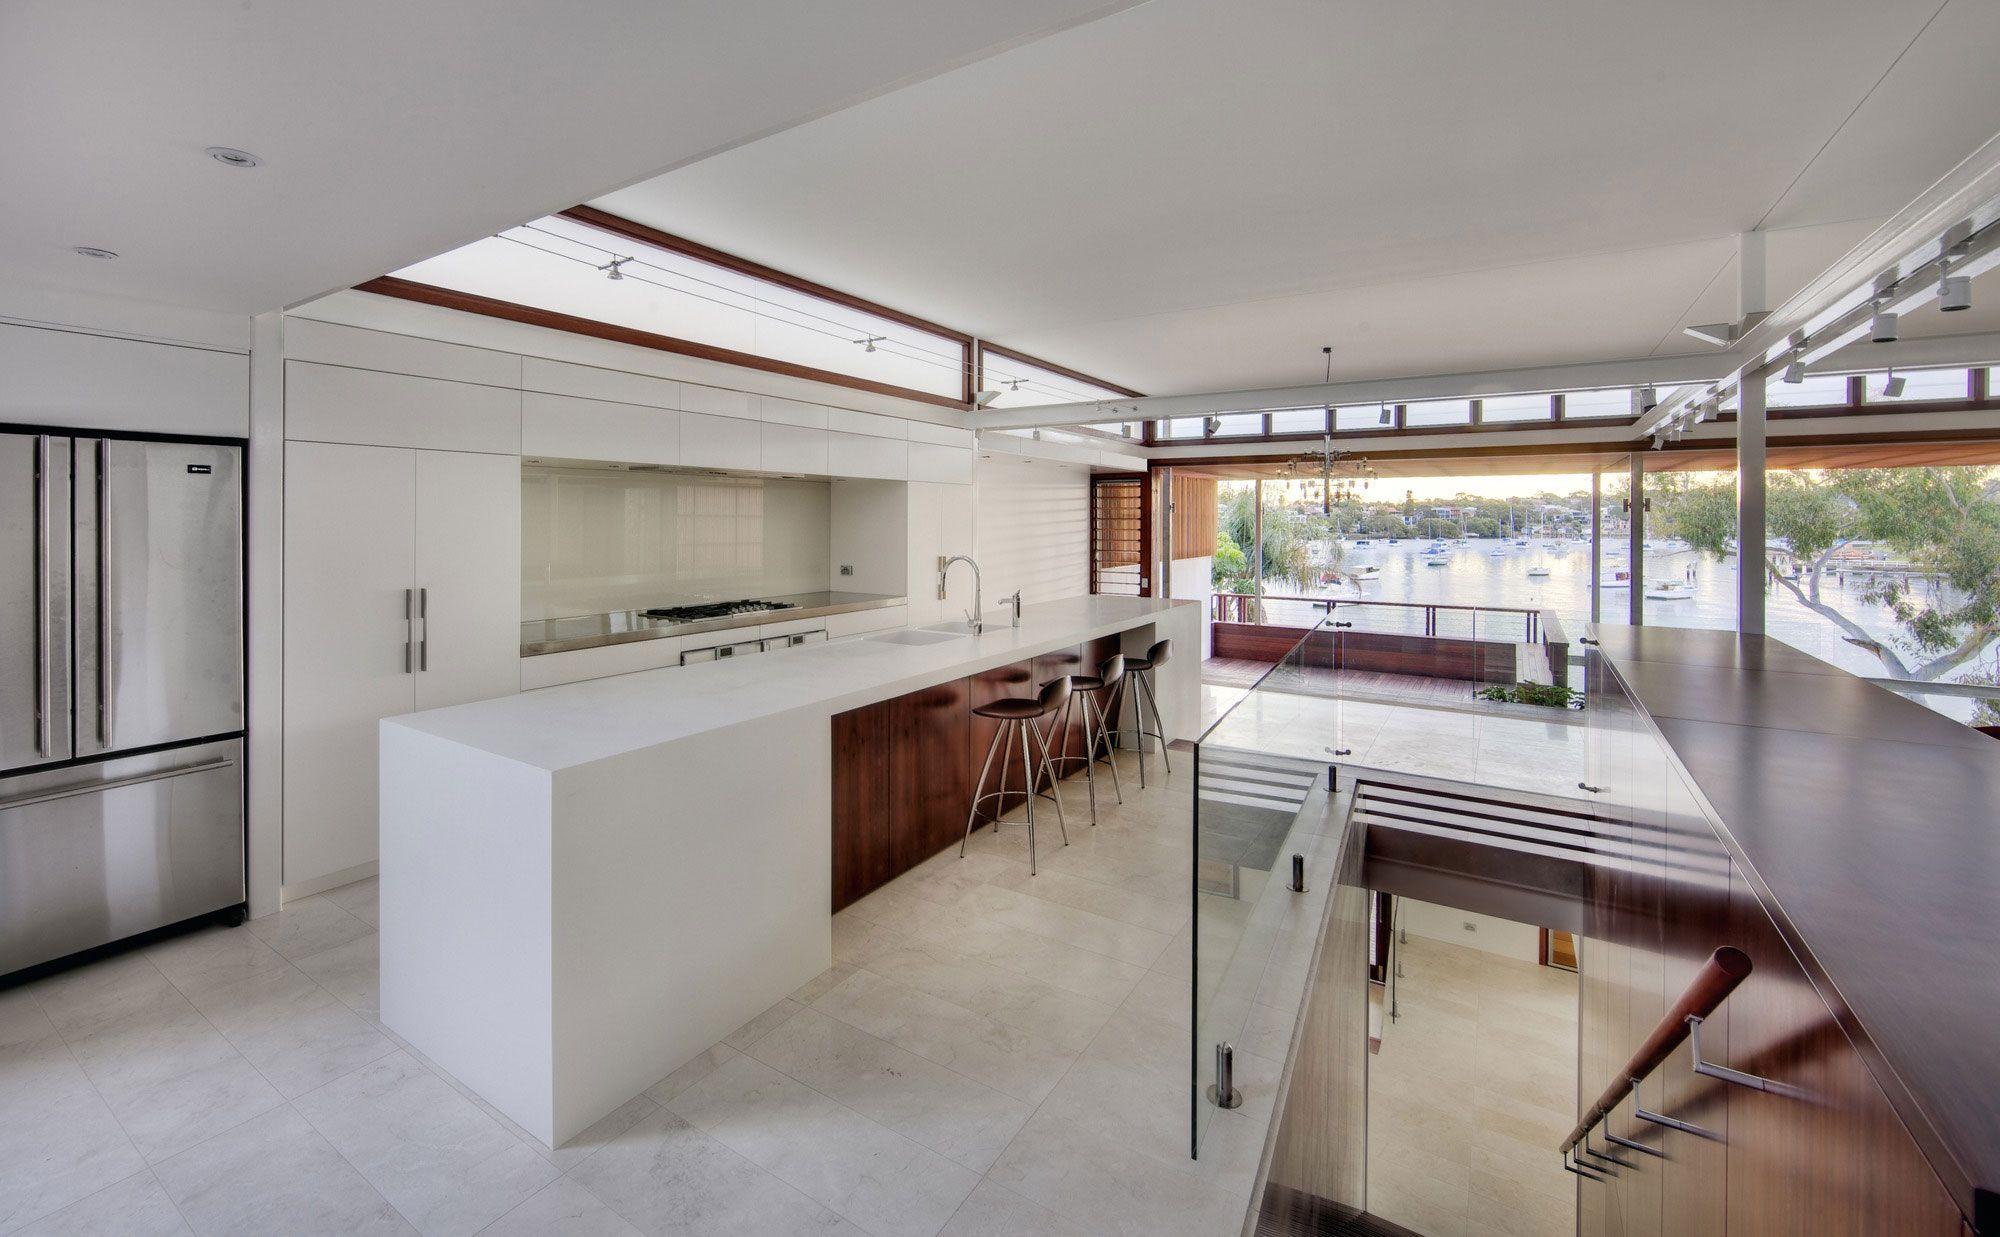 Keittiön yläkaappien päällä ikkuna.  Tennyson Point Residence by CplusC Architectural Workshop